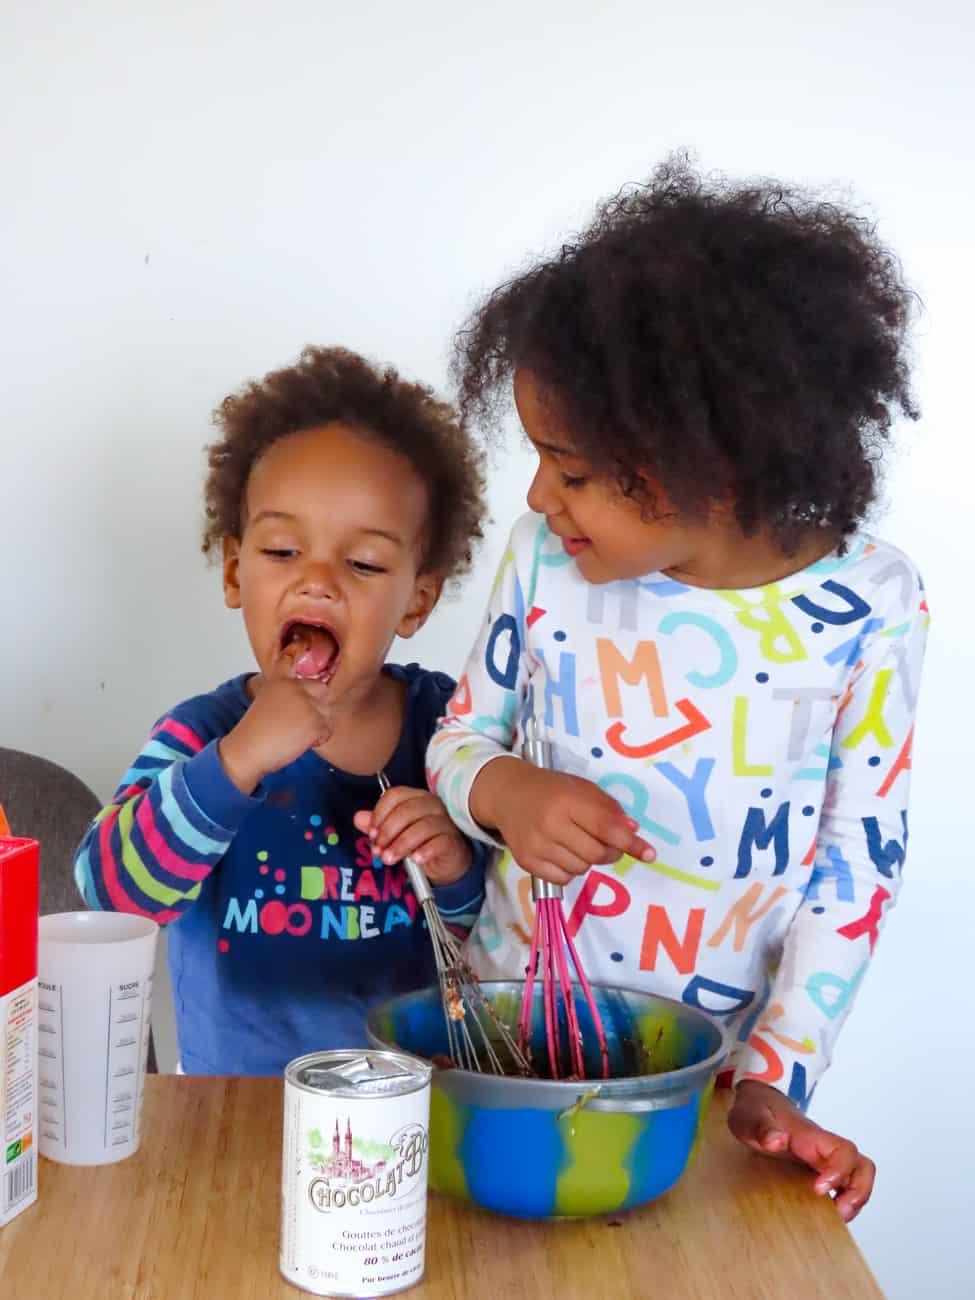 cuisiner-avec-enfants-recettes-16